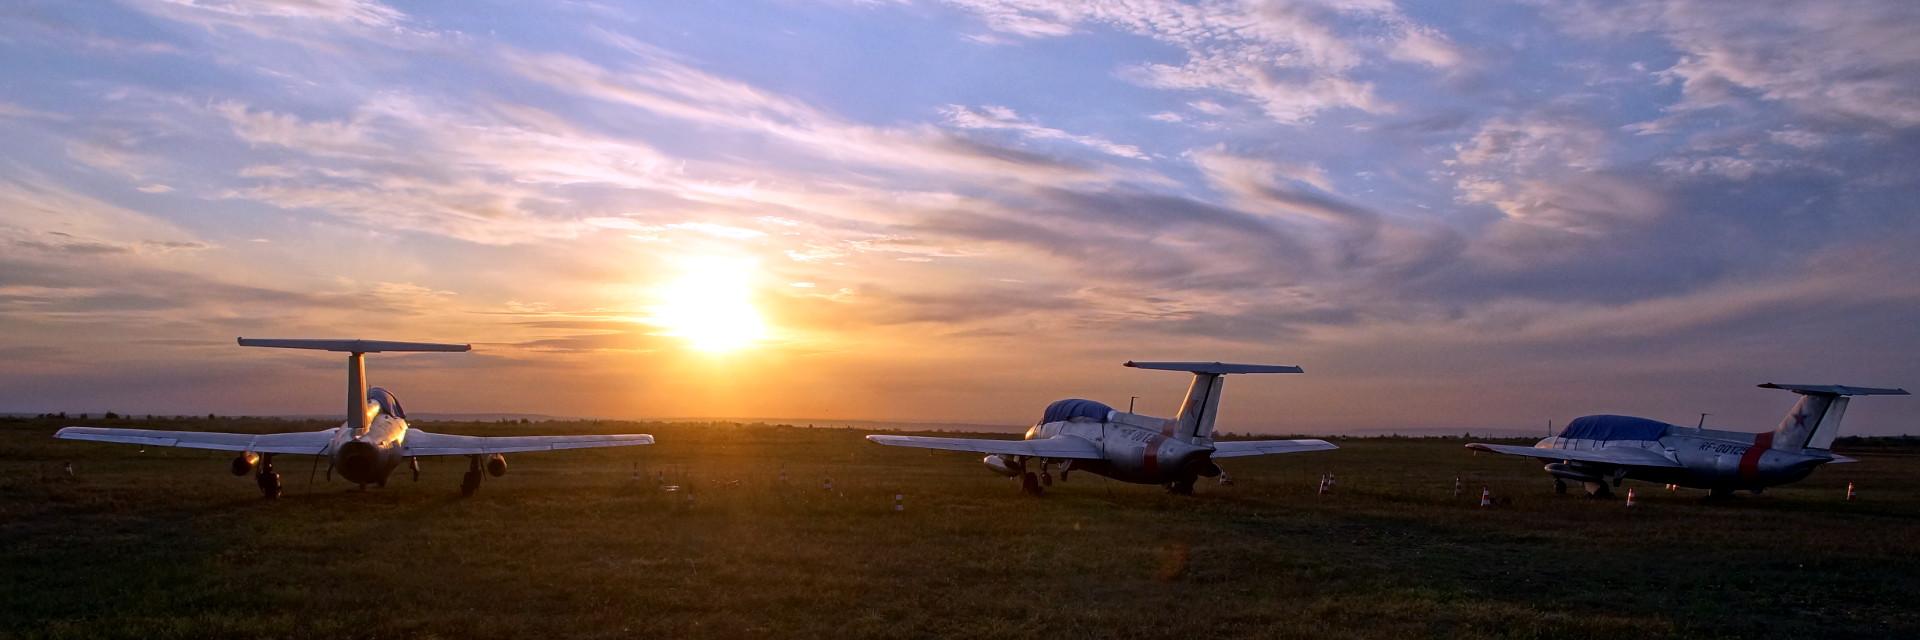 <i>«Испытай один раз полёт, и твои глаза навечно будут устремлены в небо. Однажды там побывав, на всю жизнь обречён тосковать о нём»</i>